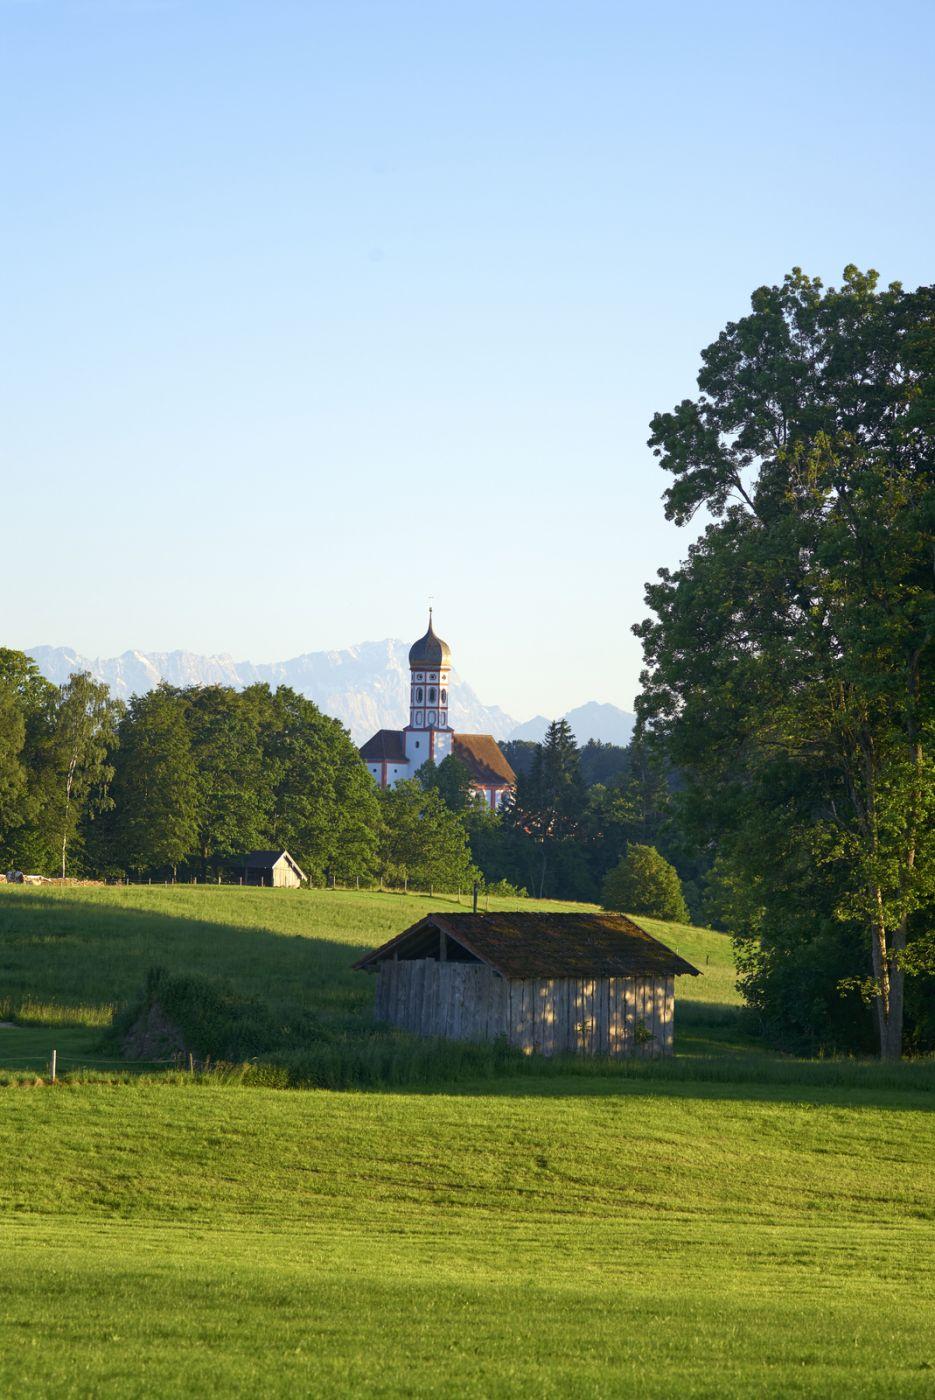 Beuerberg, Germany